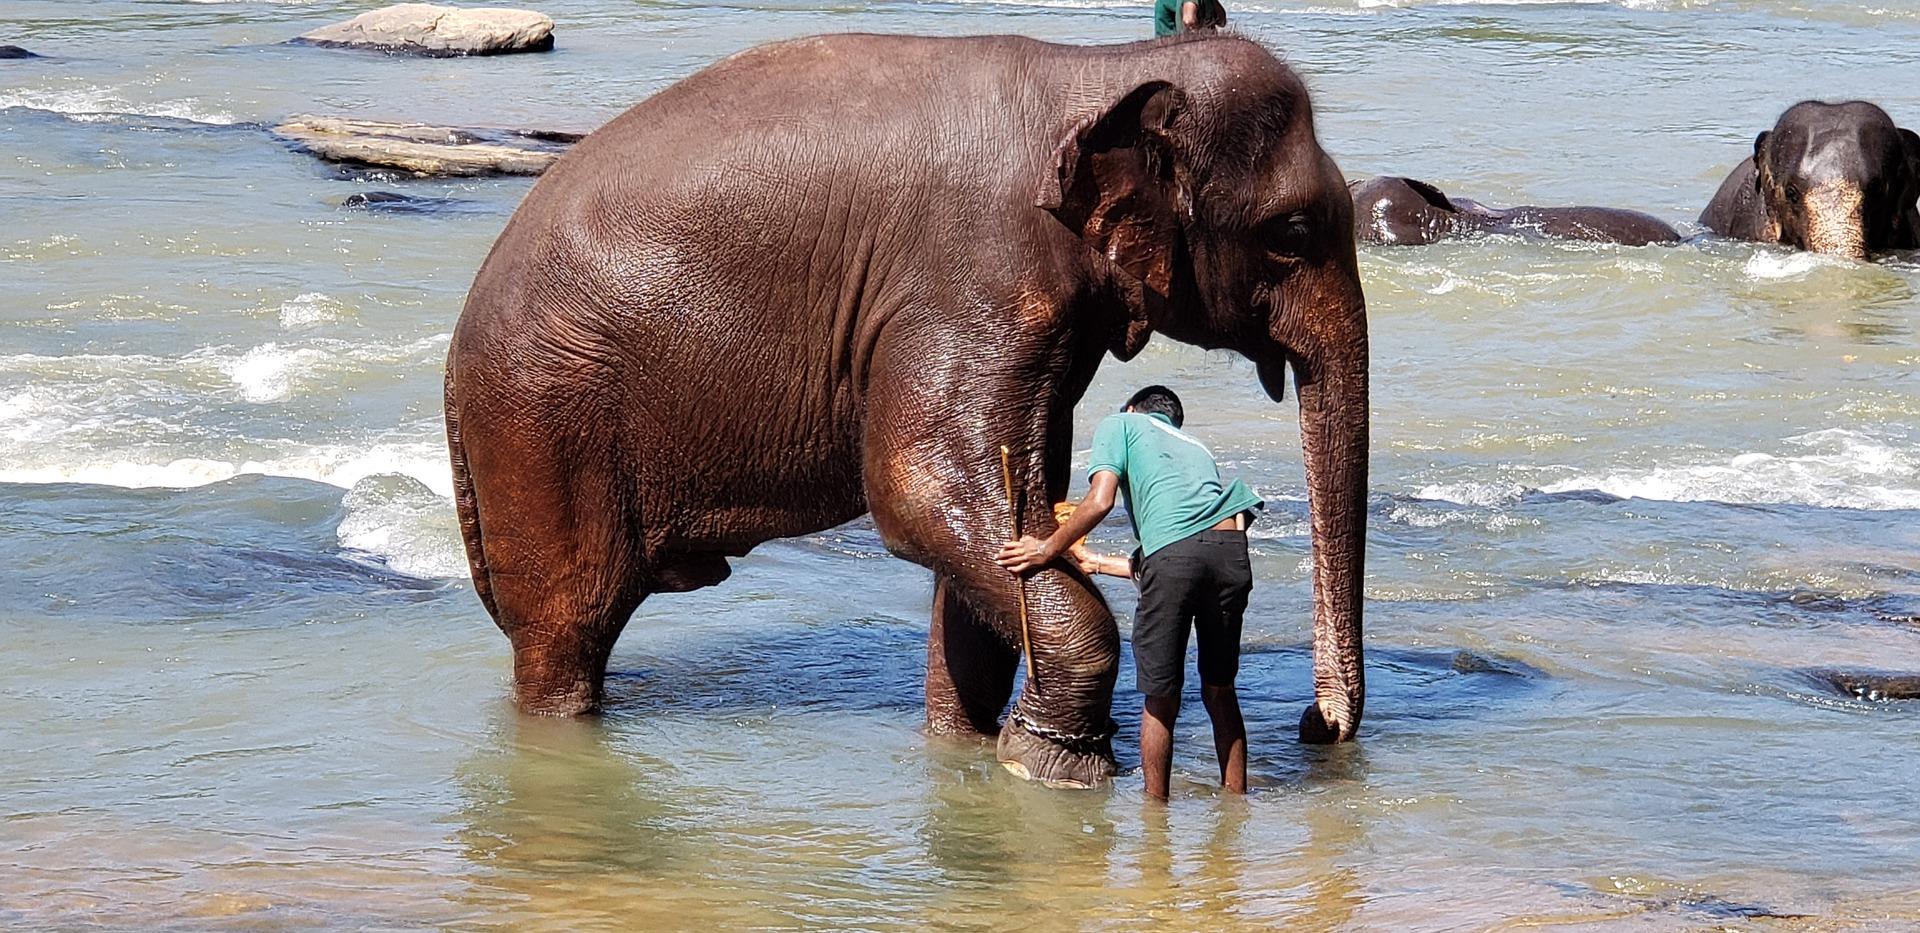 elephants-bathing